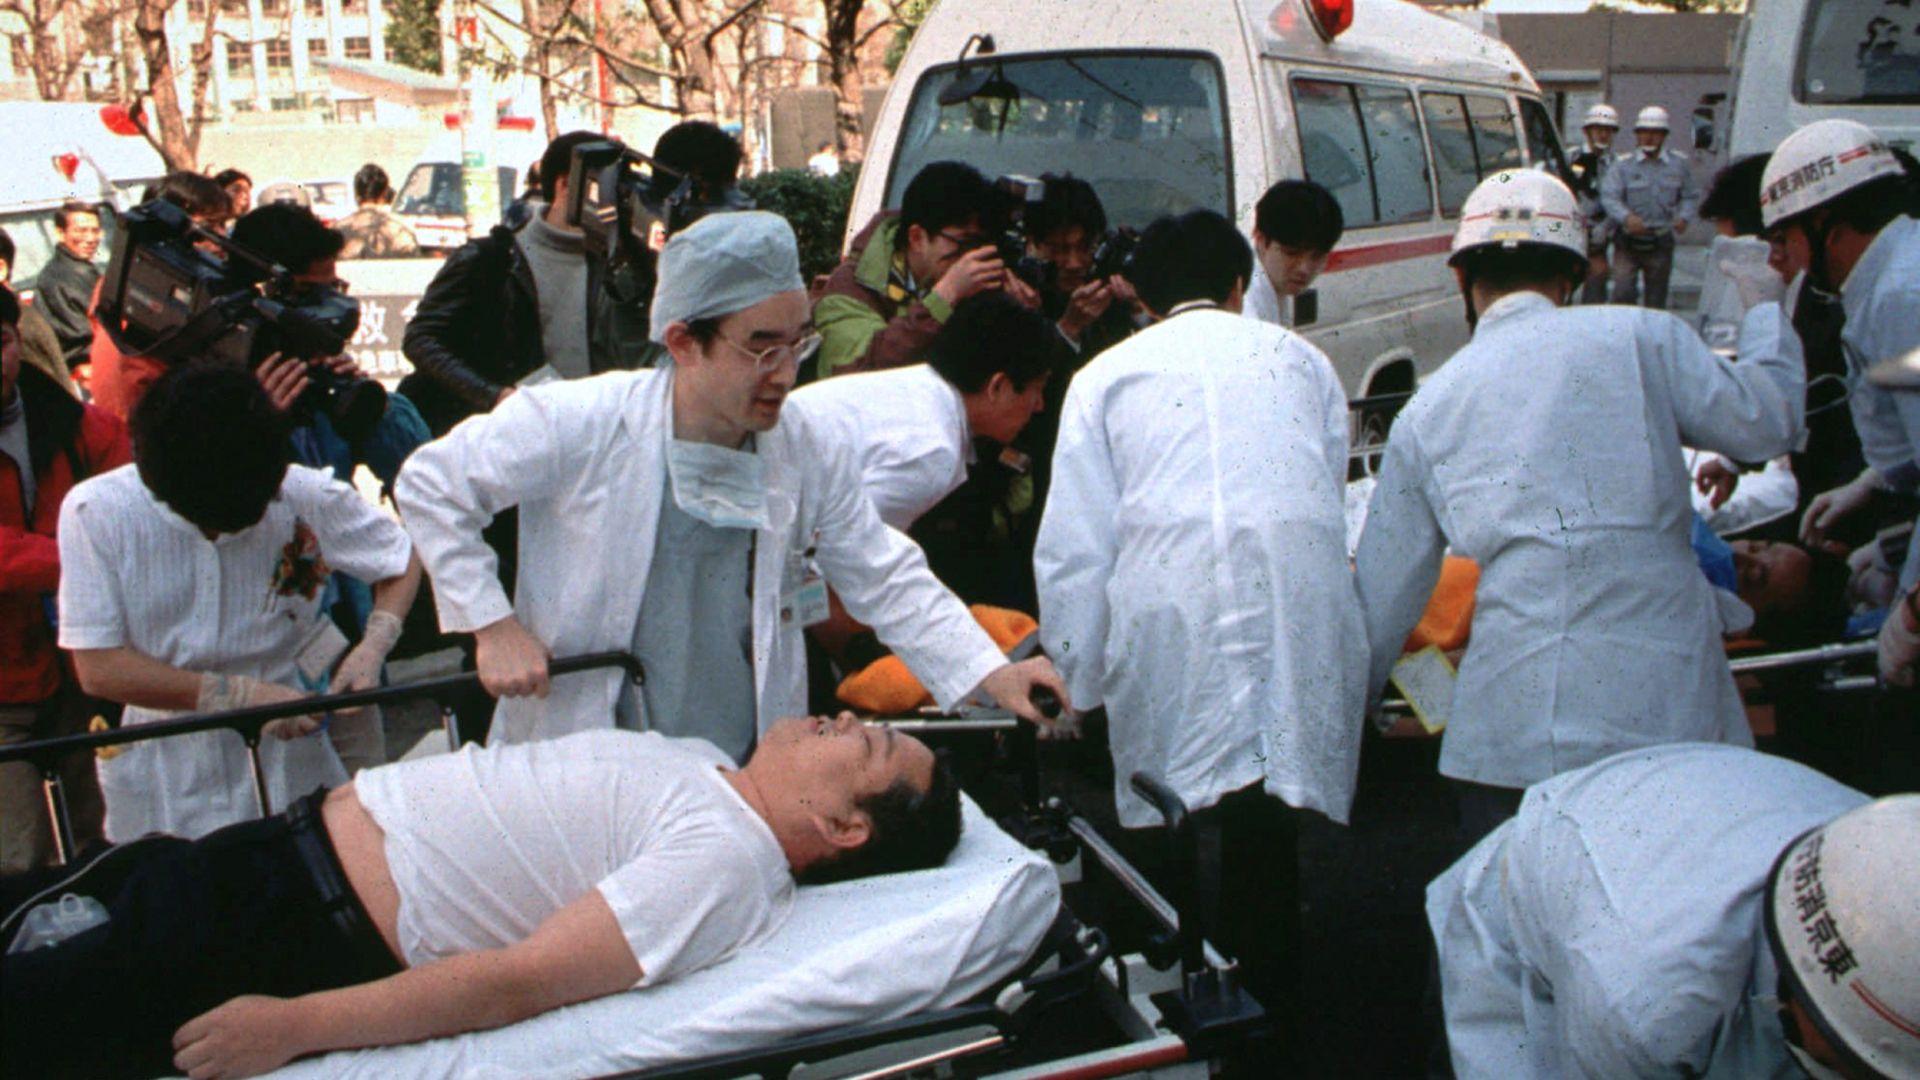 Атаката със зарин в Токио през 1995 г. е най-тежкият терористичен атентат в Япония